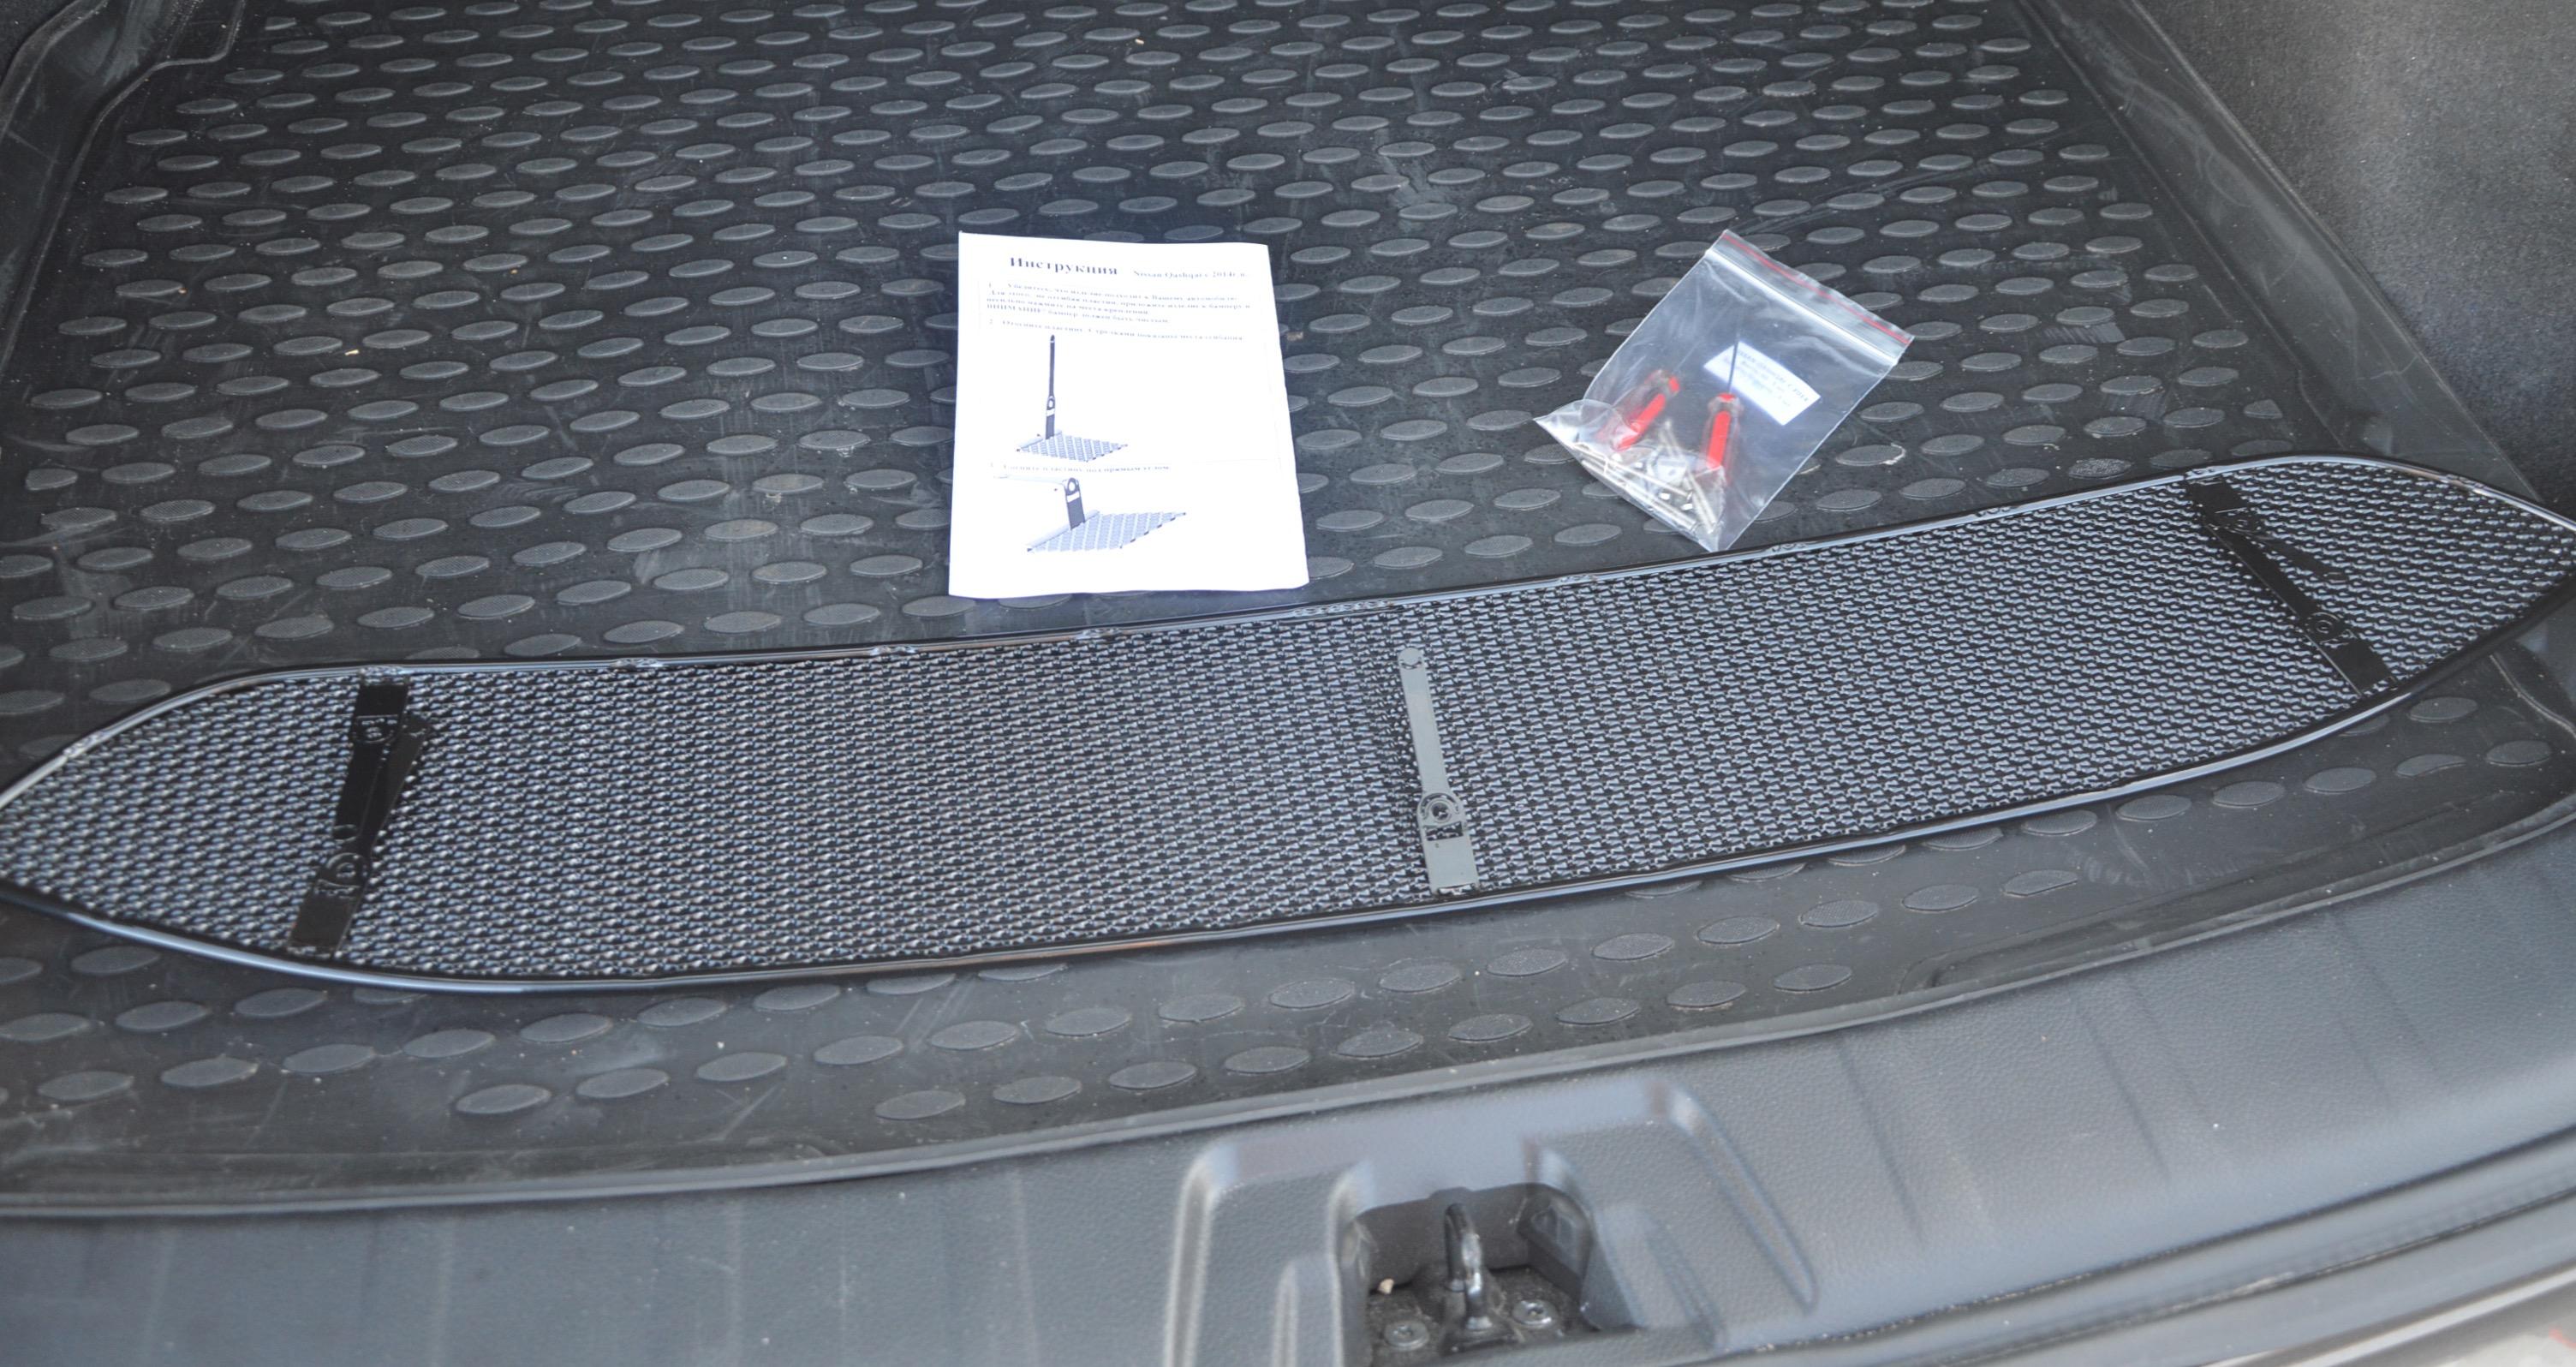 Защита радиатора Nissan Qashqai. Стрелка 11